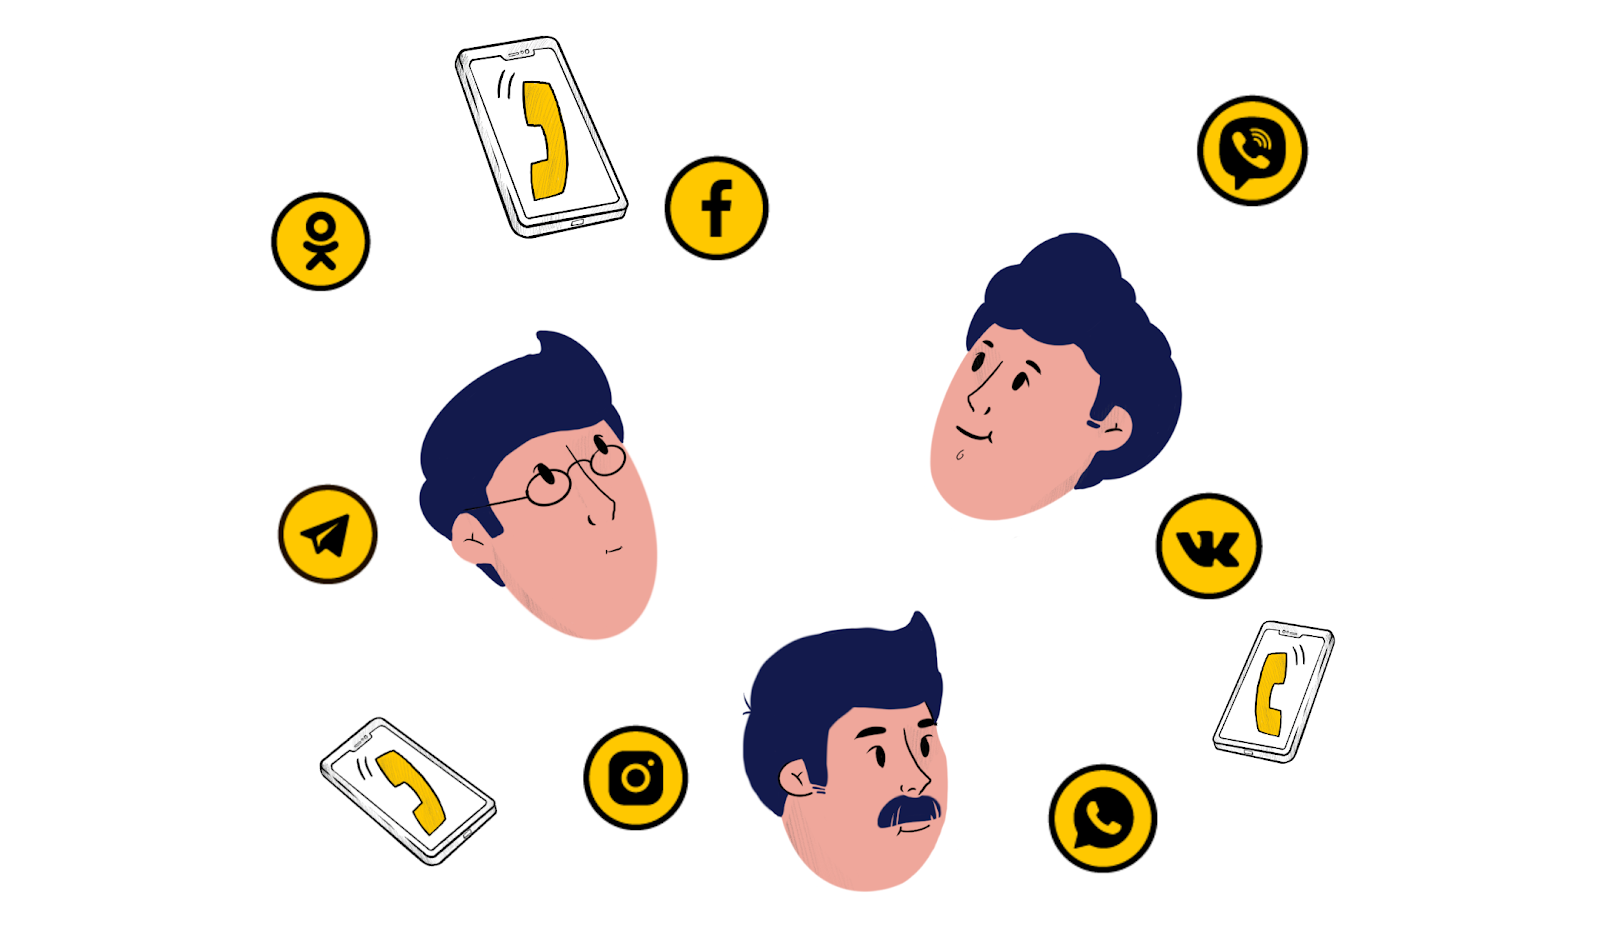 Эффективная коммуникация с клиентами: что это значит и как не навредить?